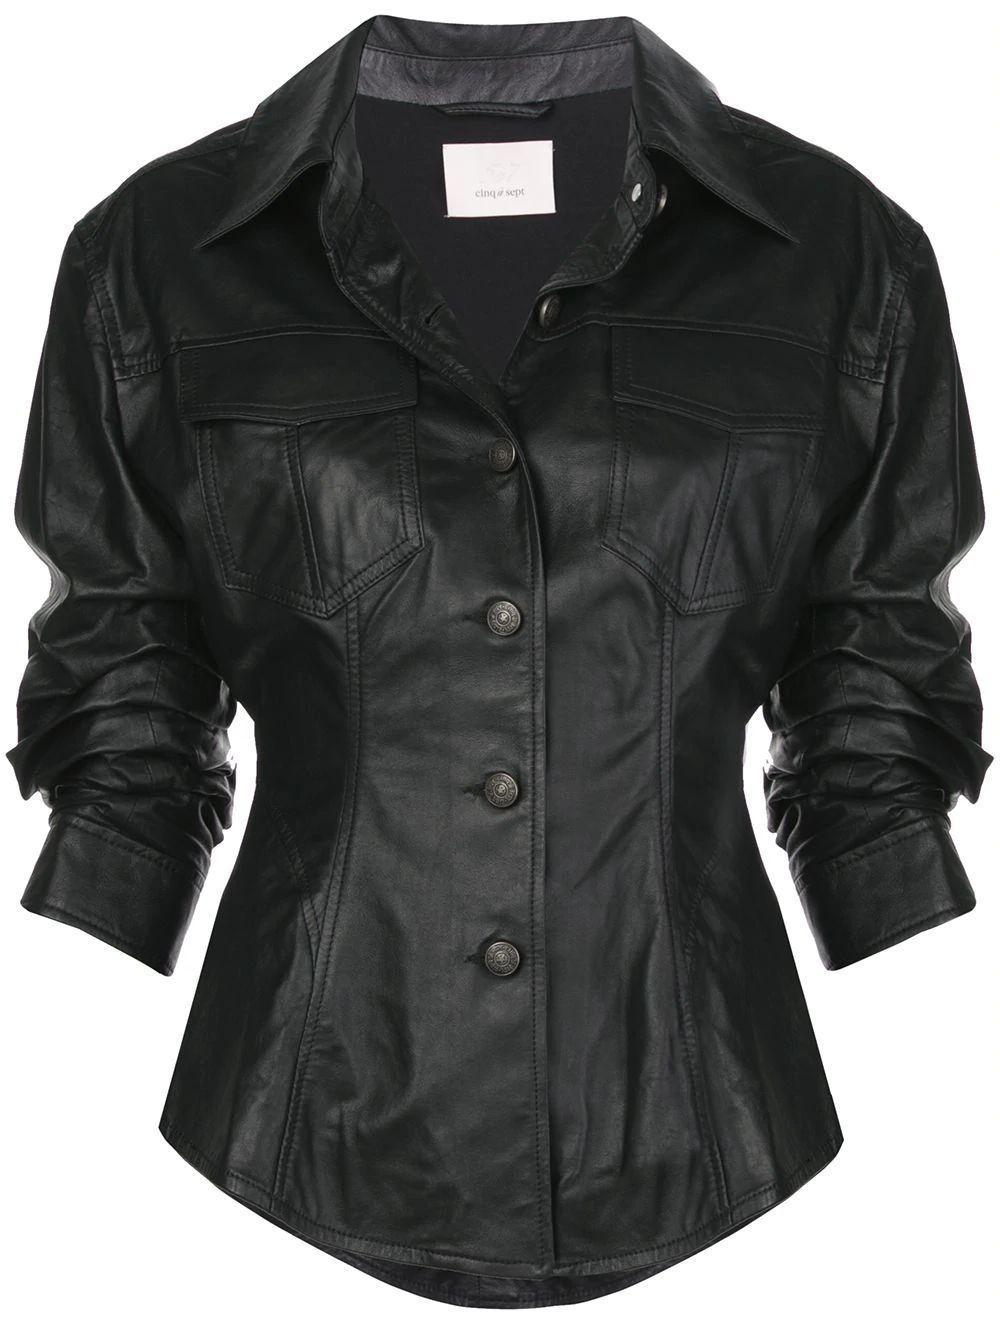 Canyon Leather Jacket Item # ZJ3093613Z-F20